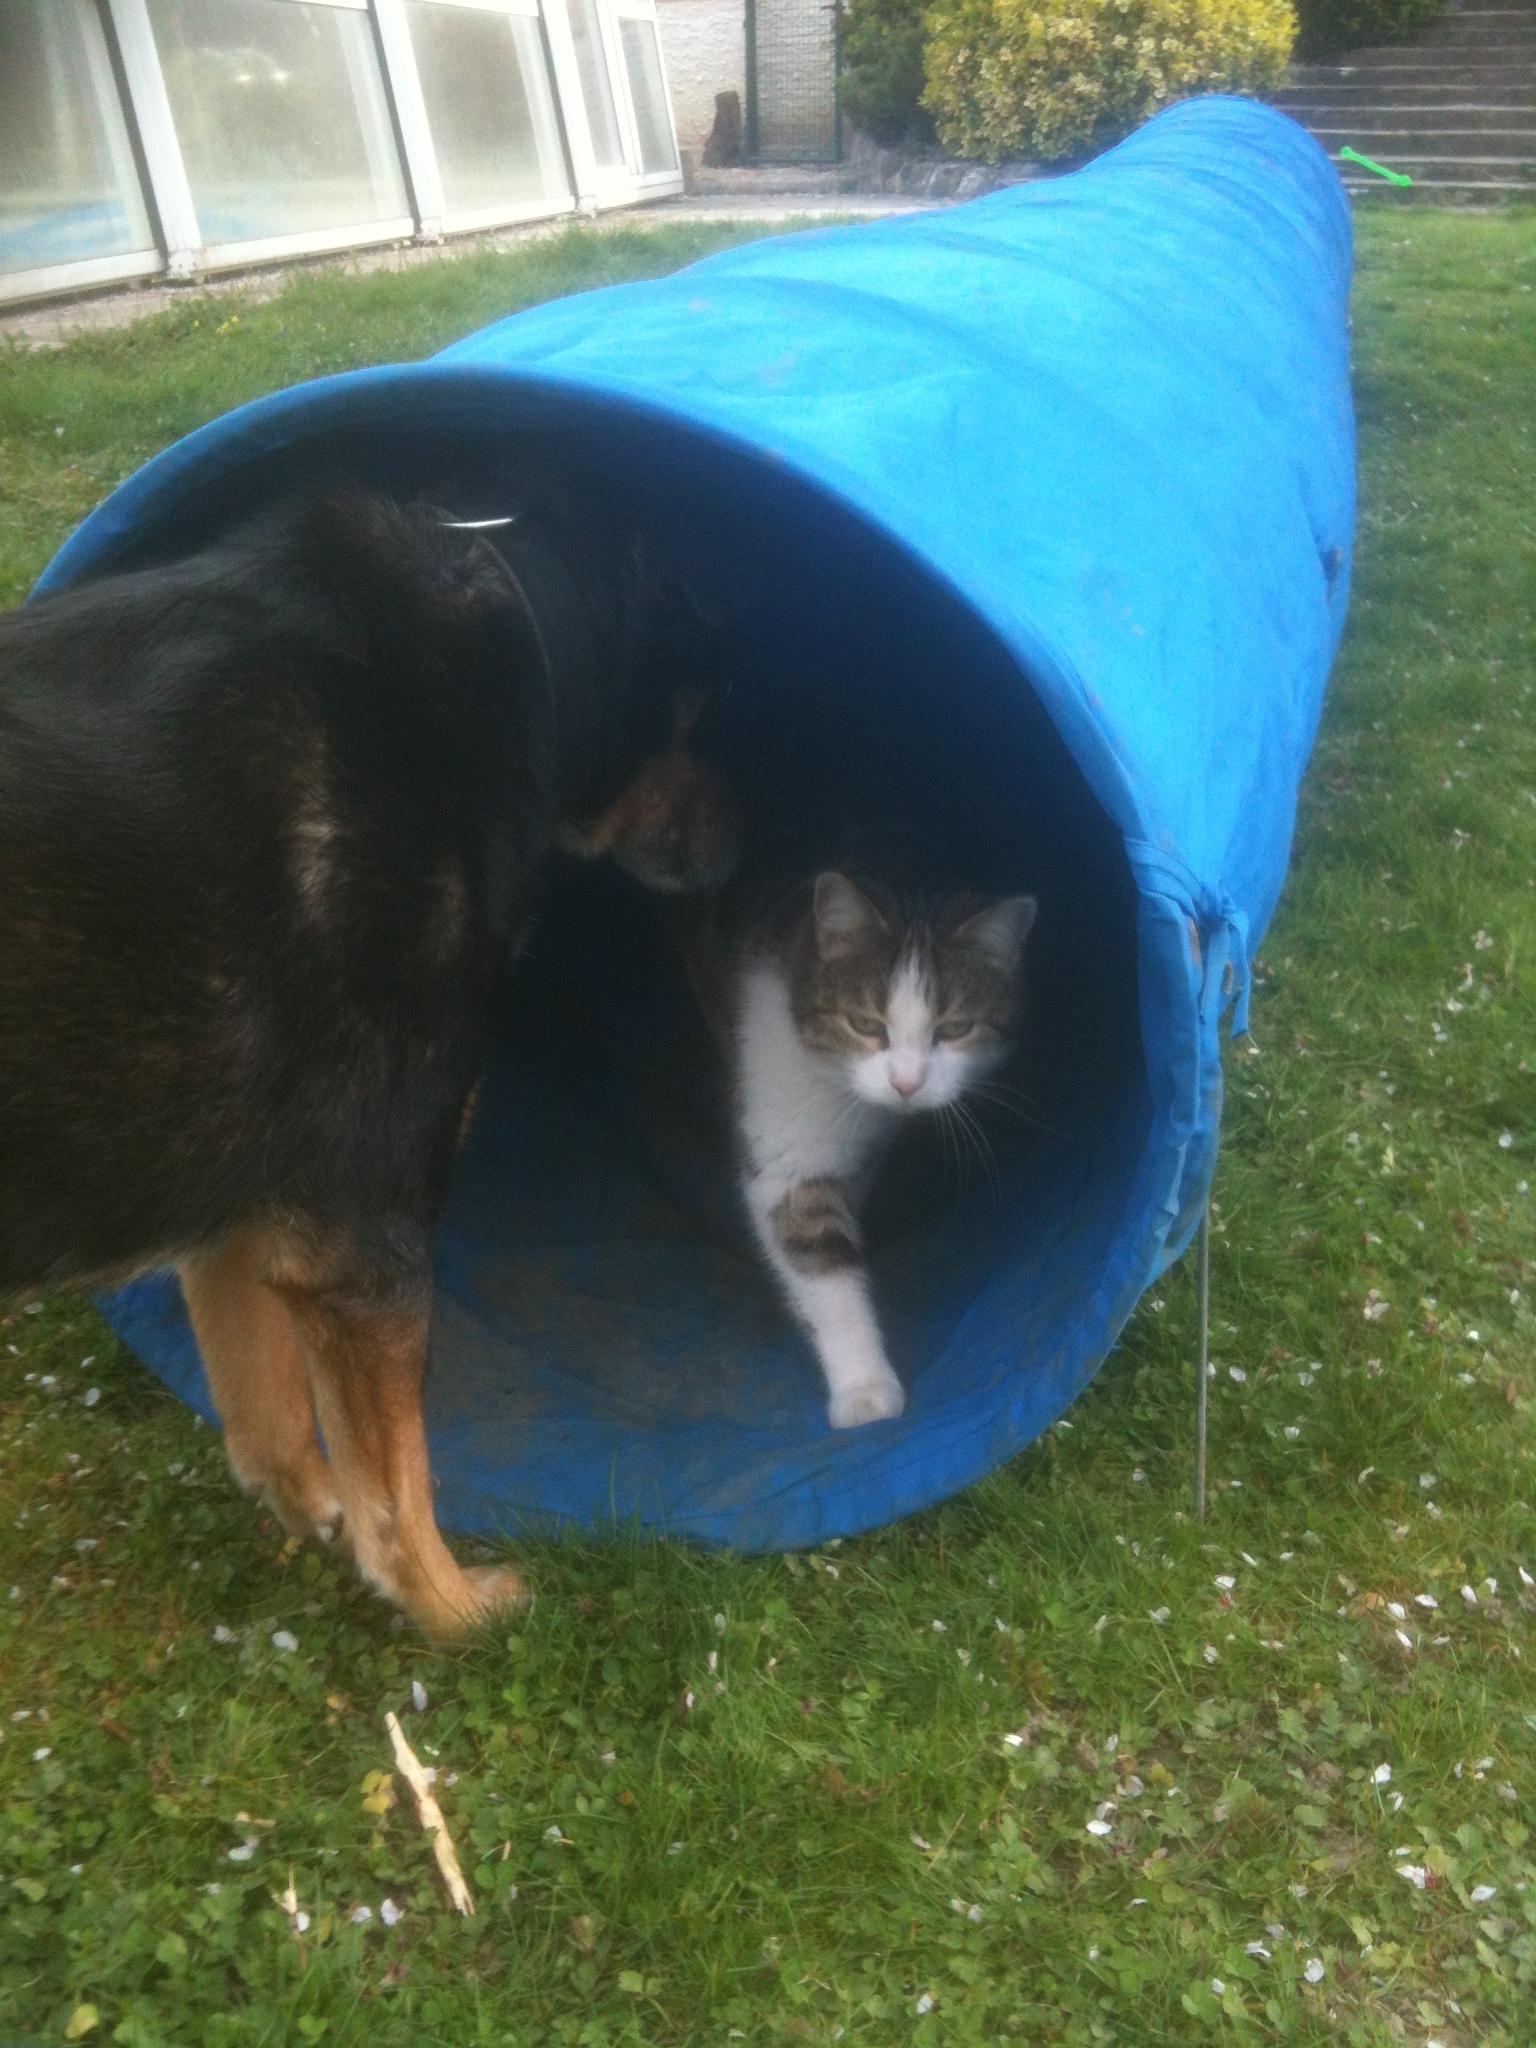 Tina chienne adoptée au refuge de l'ava à l'âge de 11 ans 1/2 en présence de mon chat Bidule